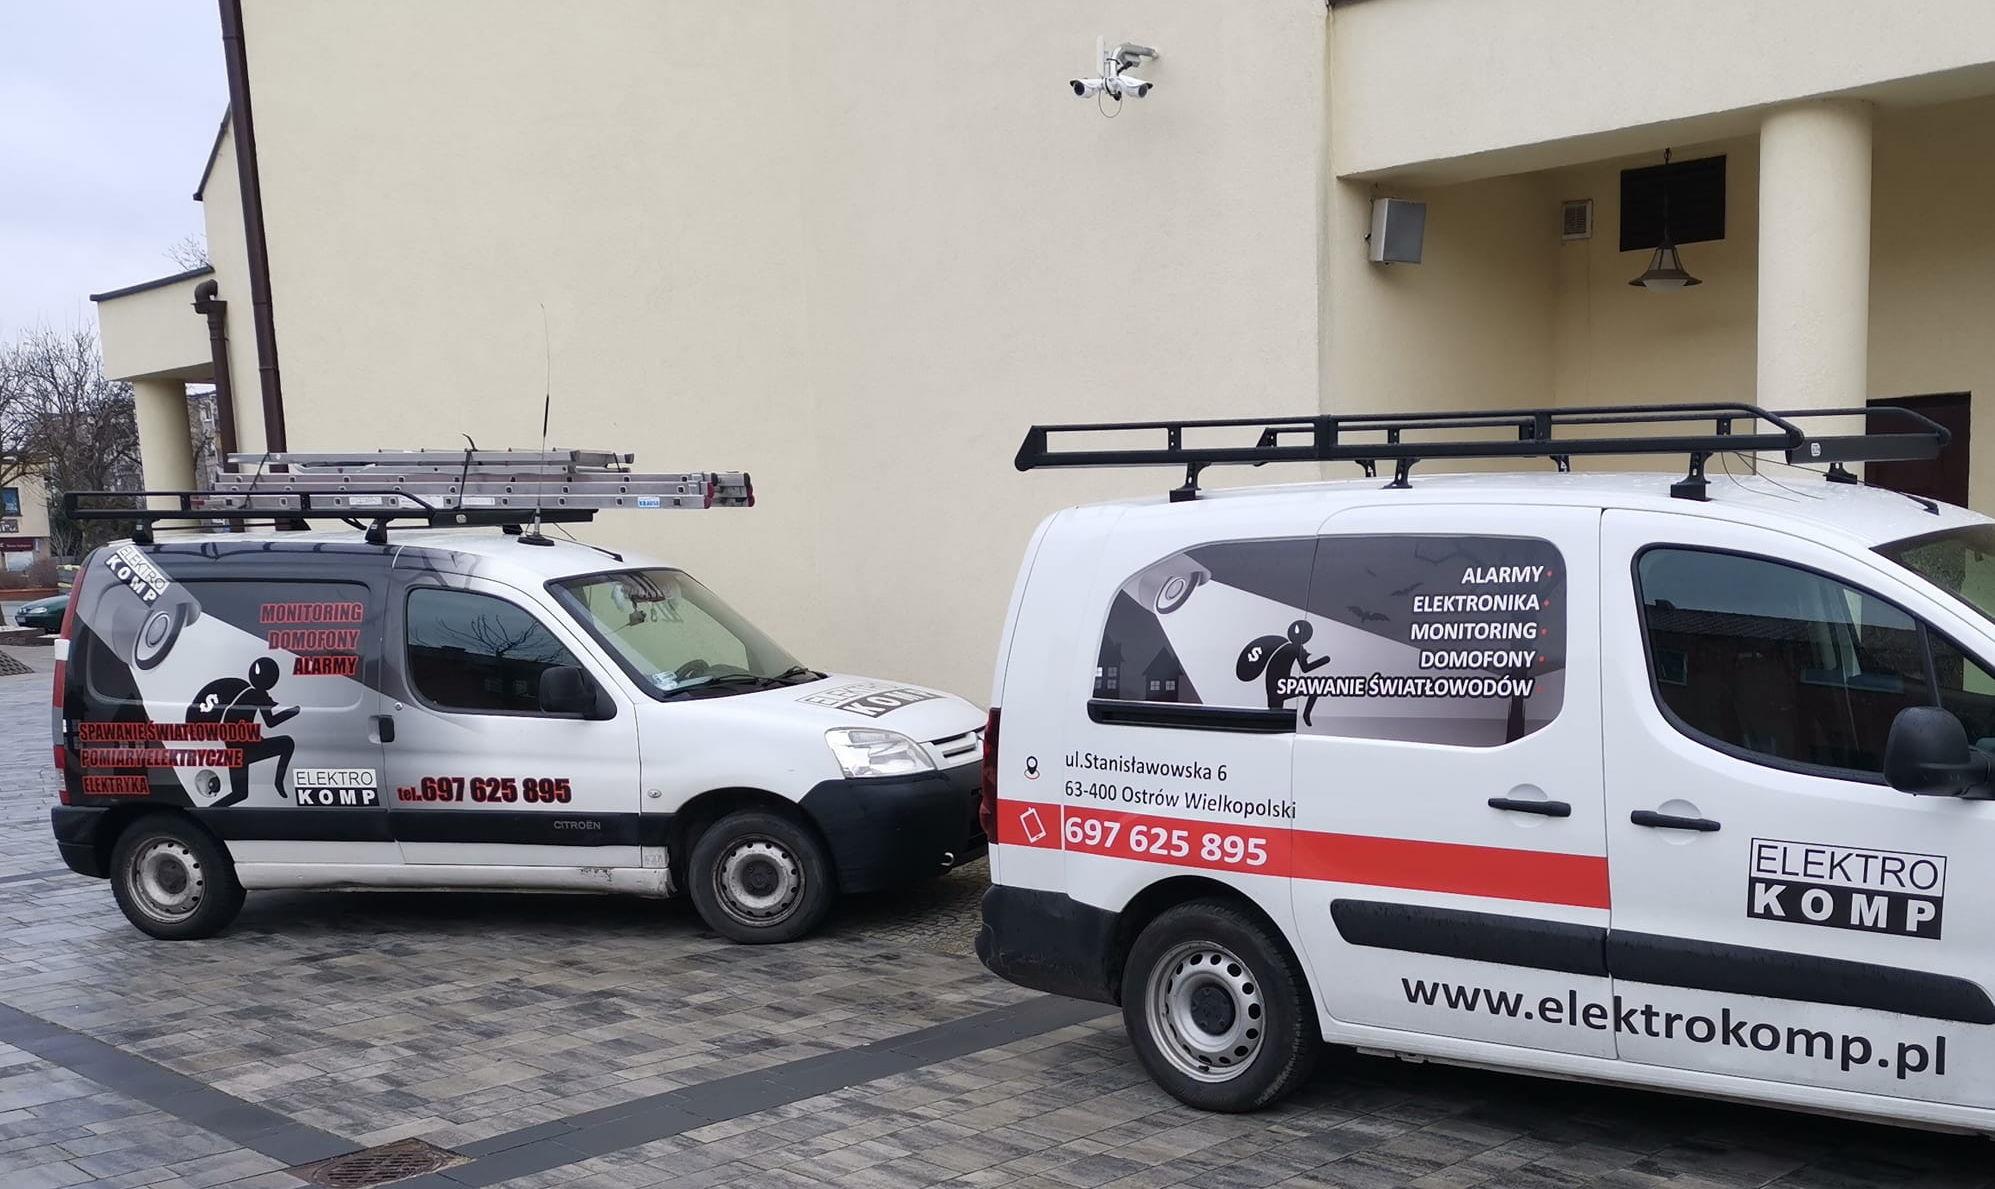 Alarmy, monitoring, CCTV, naprawa domofonów, elektryka, instalacje niskoprądowe.